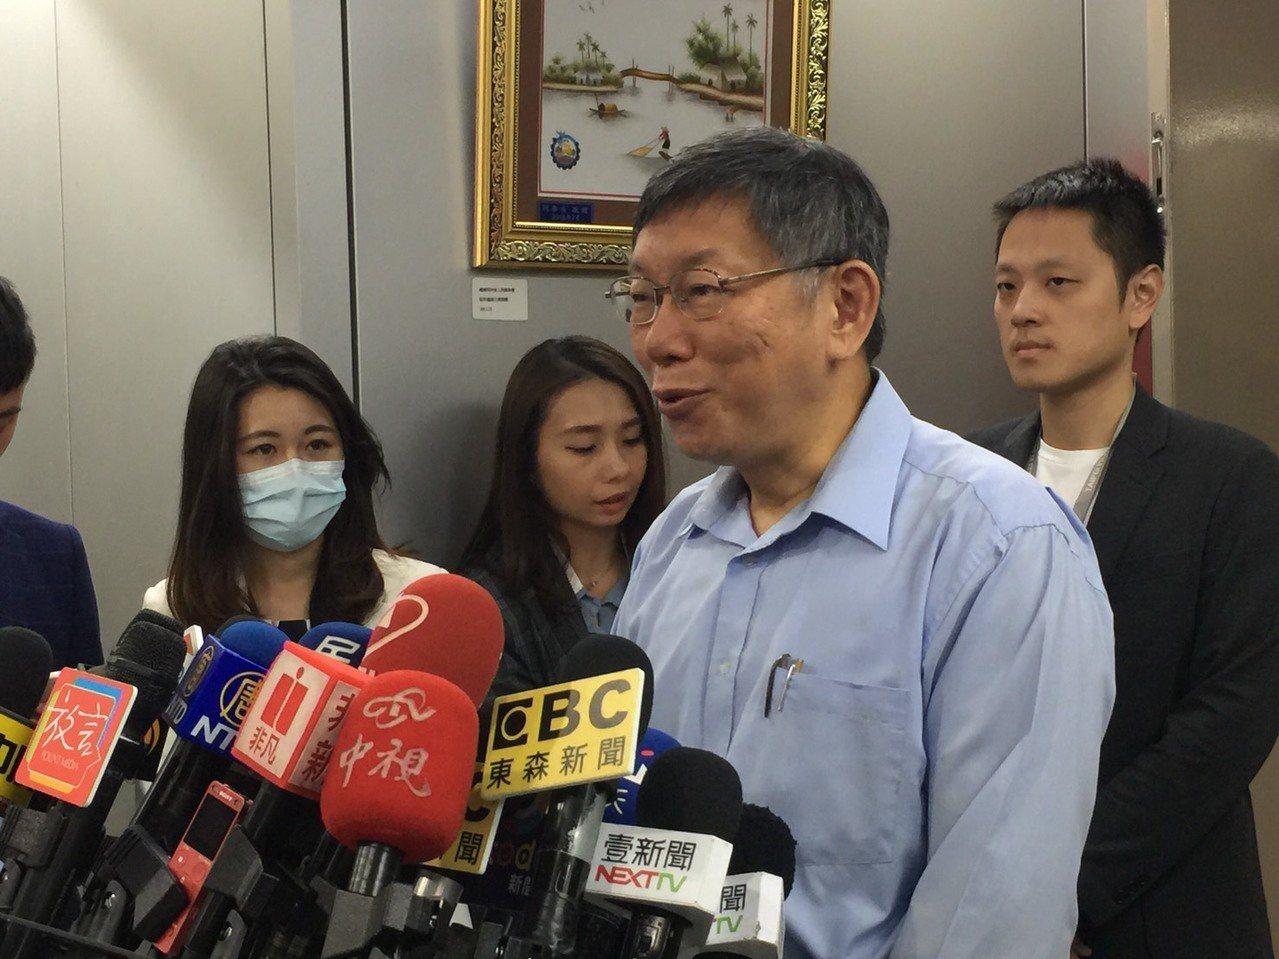 台北市長柯文哲今受訪時表示,自己只是講話太實在,且自己又沒有要選舉;至於是否覺得...